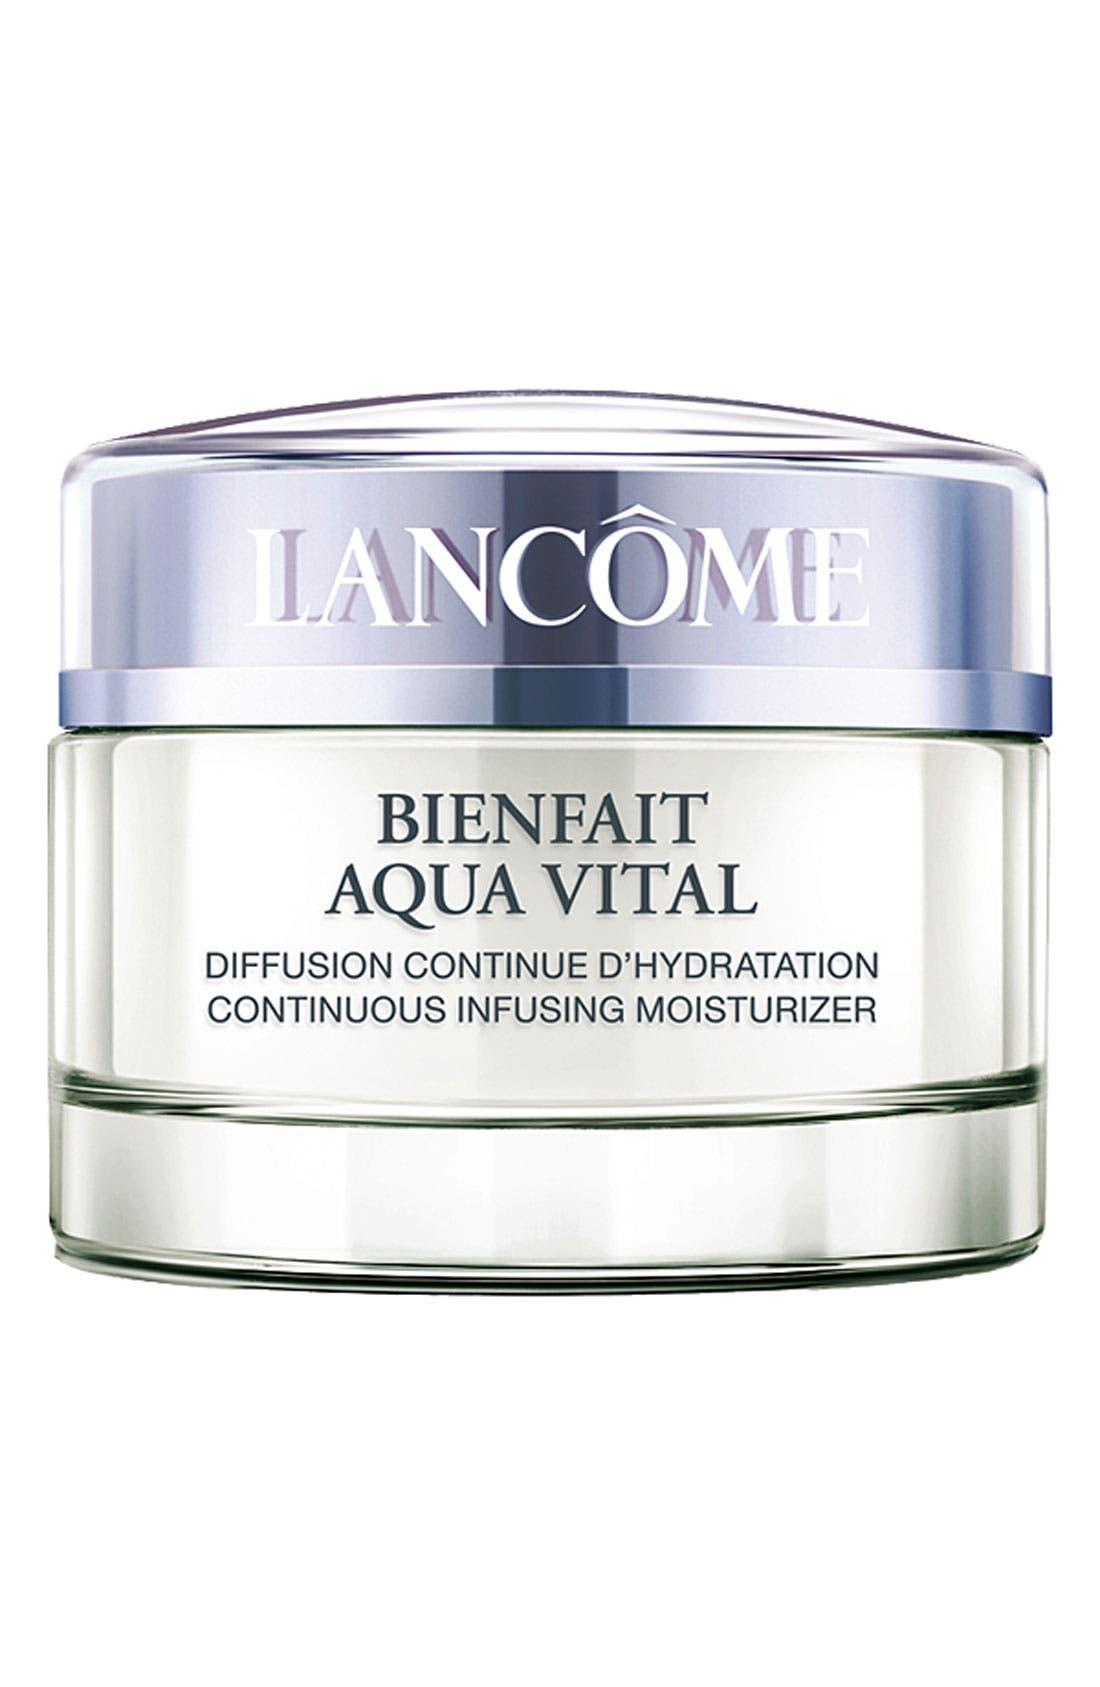 Bienfait Aqua Vital Continuous Infusing Moisturizer Cream,                         Main,                         color, NO COLOR